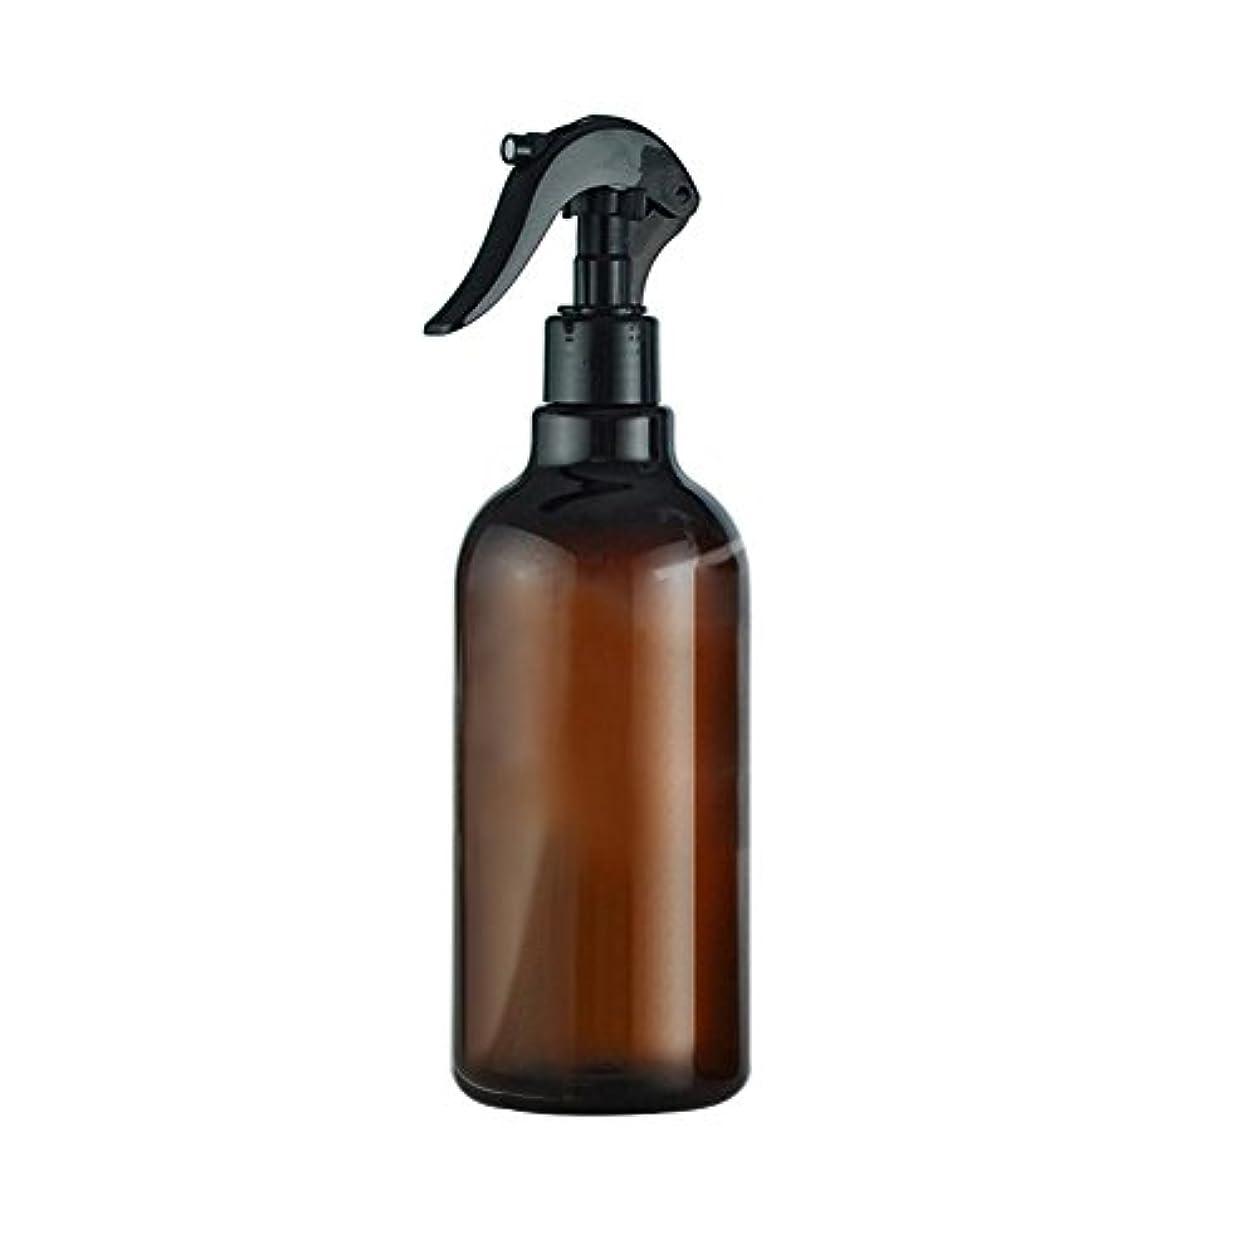 複雑動機疑問に思うBETTER YOU (ベター ュー) スプレーボトル 化粧品ボトル 500ml 詰替え容器 ボトル 化粧水入れ 旅行 香水 化粧水用瓶